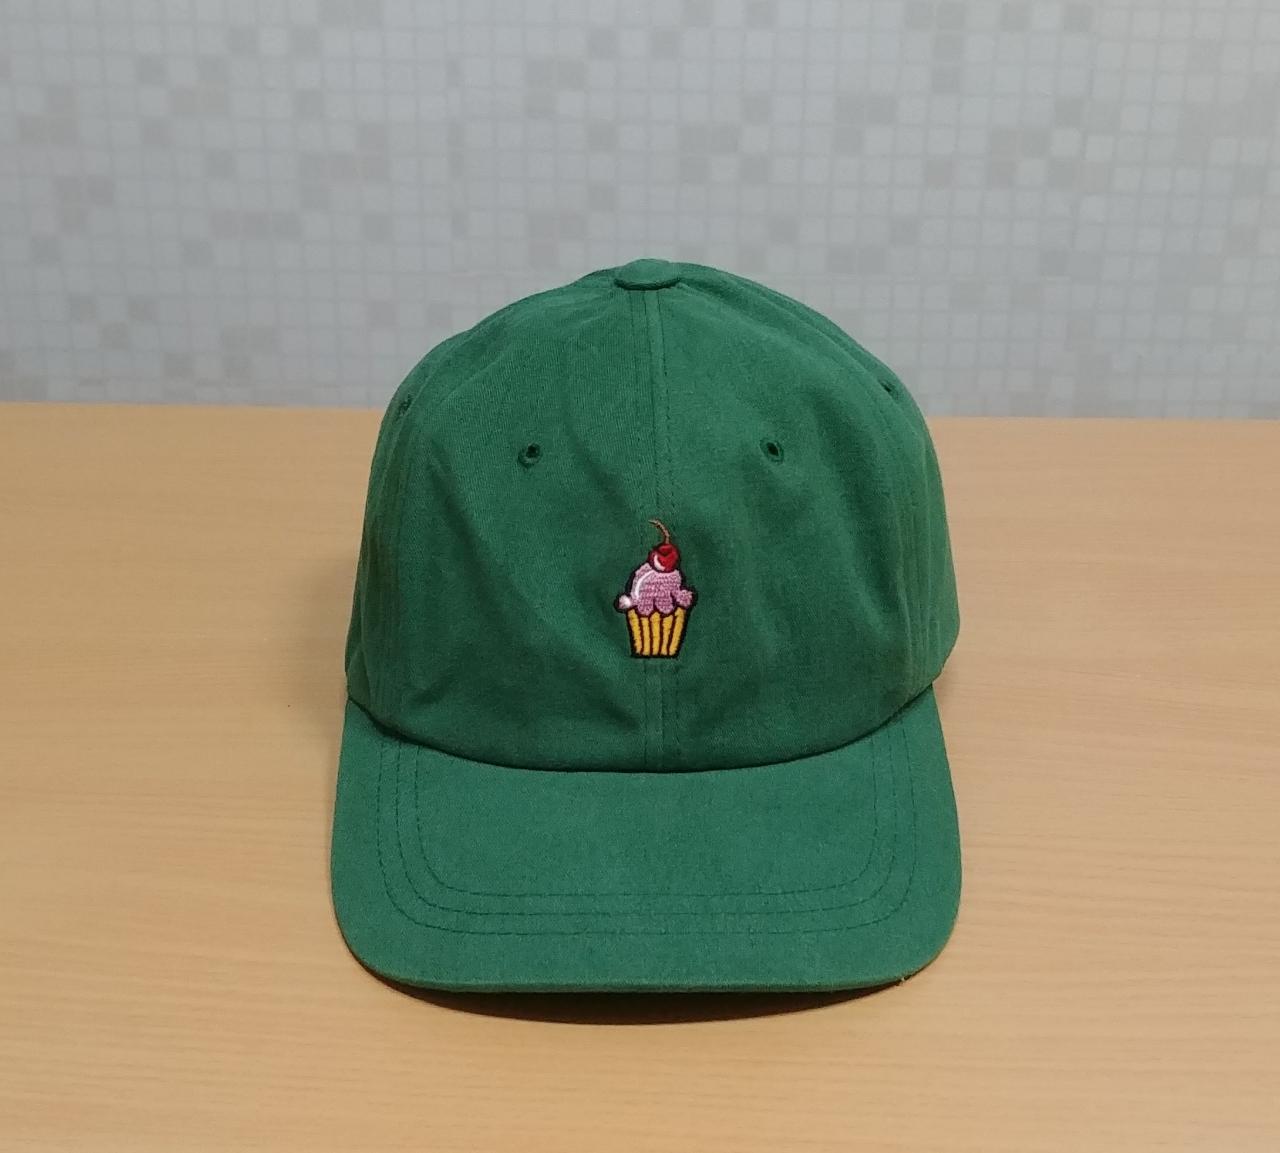 남녀 공용. 그린색 모자